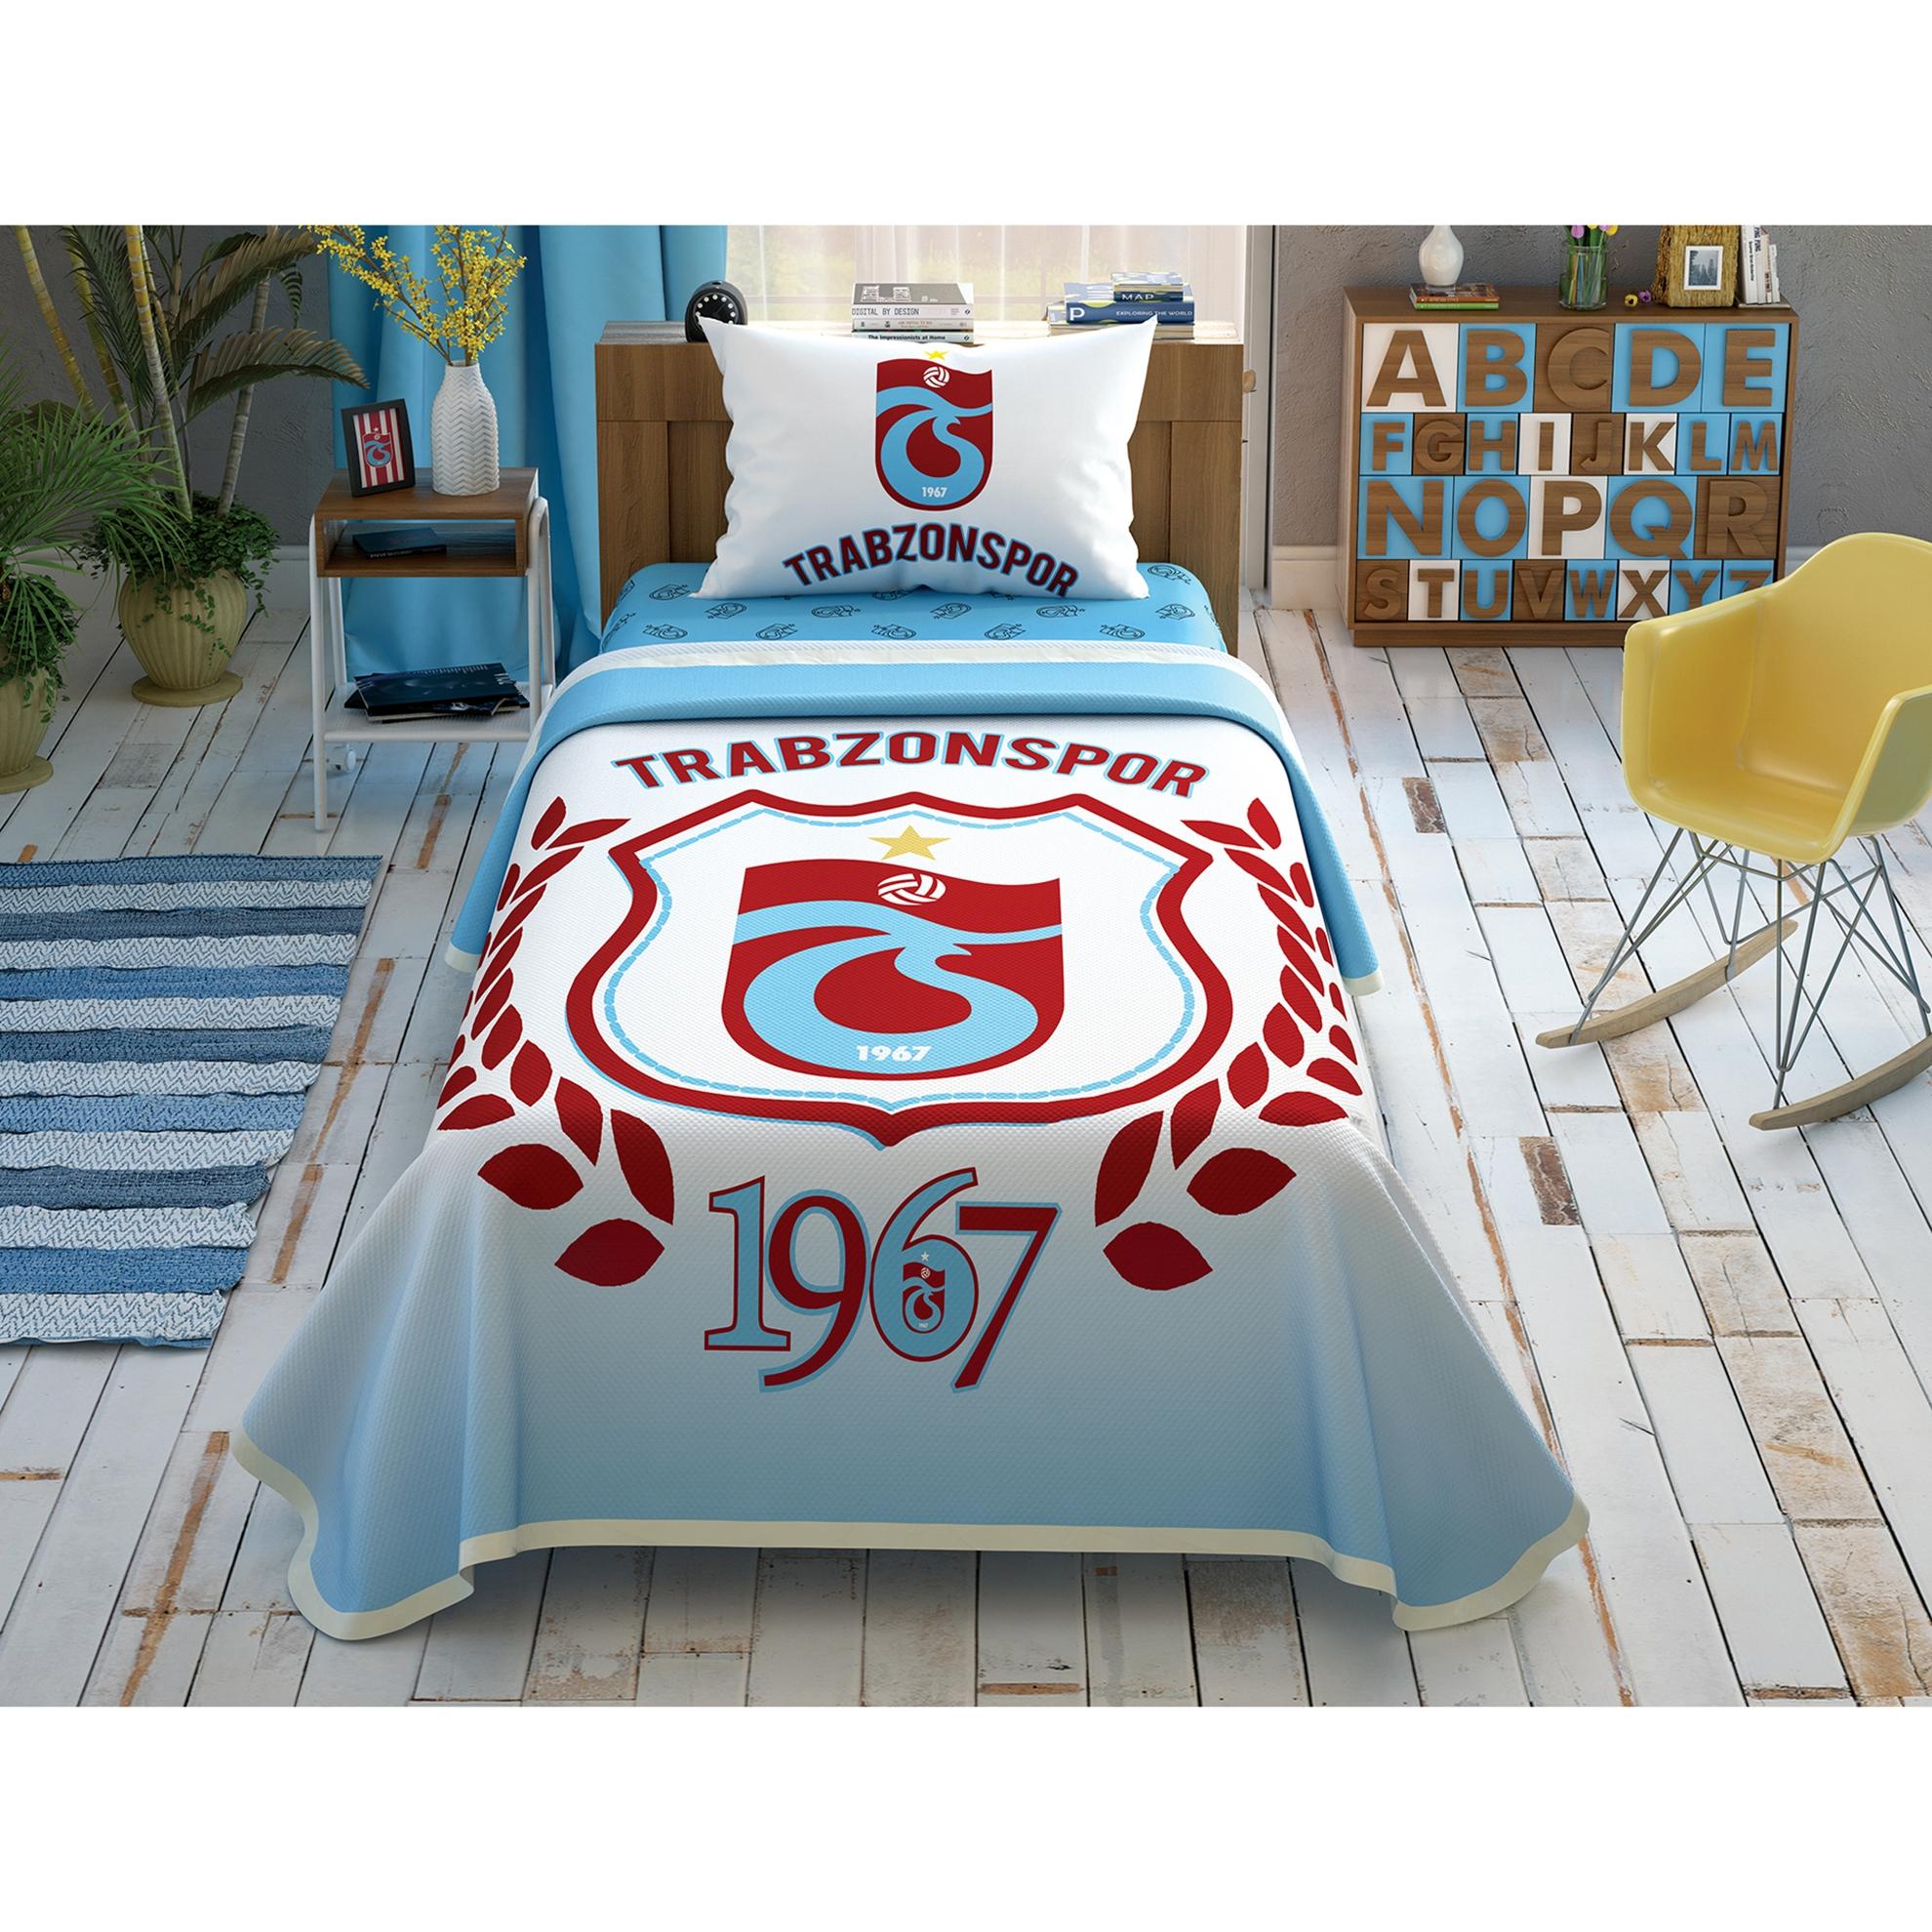 resm Trabzonspor 1967 Logo Lisanslı Pike Takımı